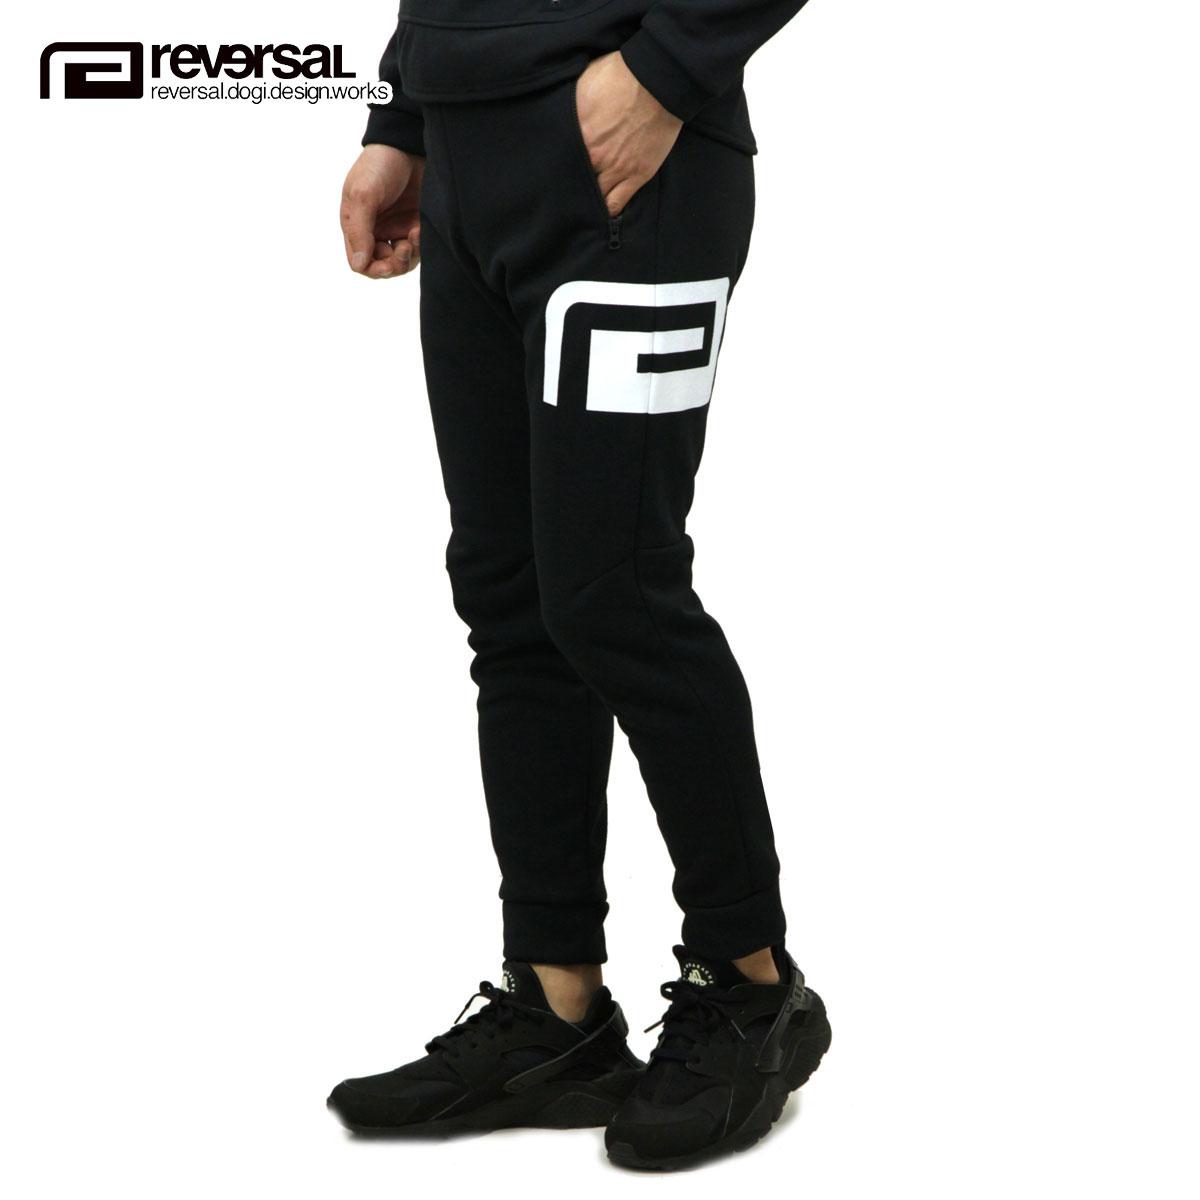 リバーサル REVERSAL 正規販売店 メンズ ロゴ入りジョガーパンツ TECH JOGGER PANTS rv19ss028 BLACK